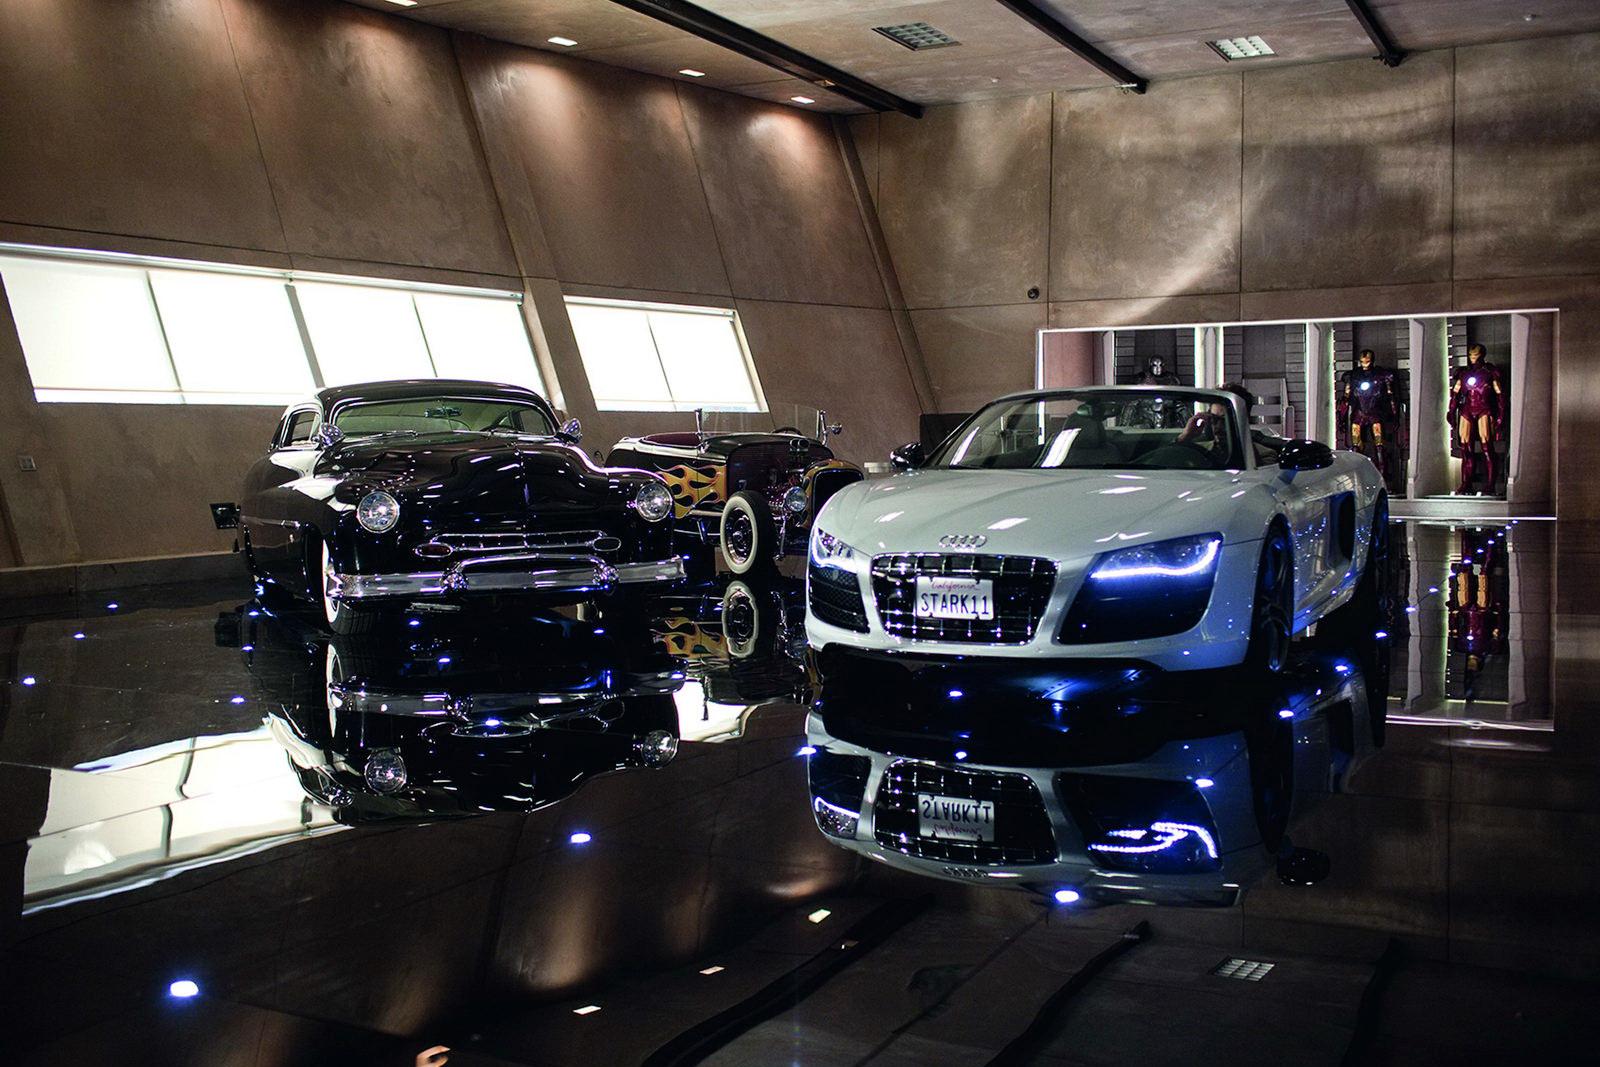 http://1.bp.blogspot.com/_FoXyvaPSnVk/S9hRQvx0YrI/AAAAAAACysE/X9Ri3ao4Fog/s1600/Iron-Man-2-Audi-R8-Spyder-7.jpg